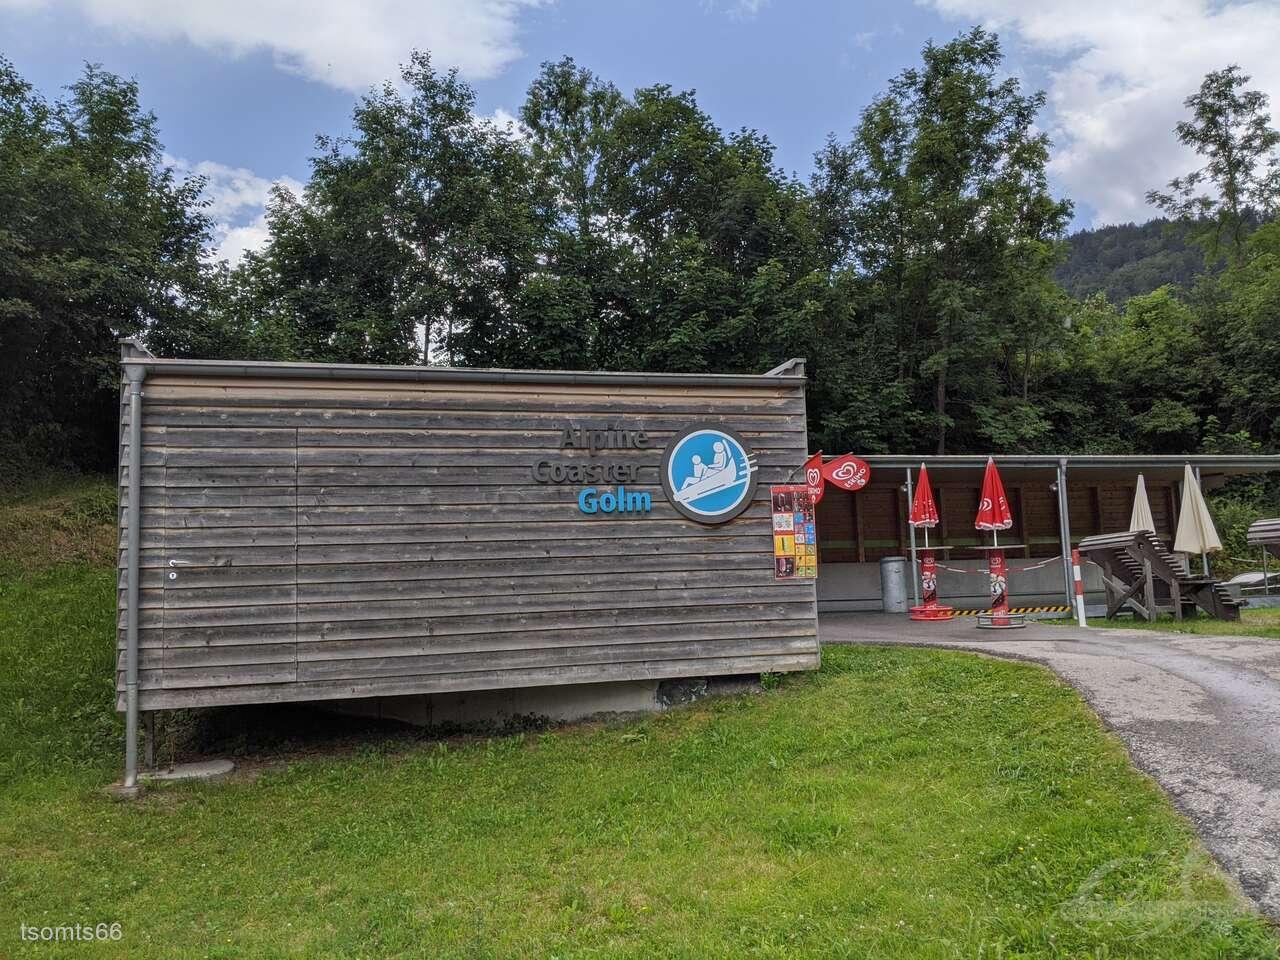 Alpine-Coaster im Park Golmerbahn Impressionen